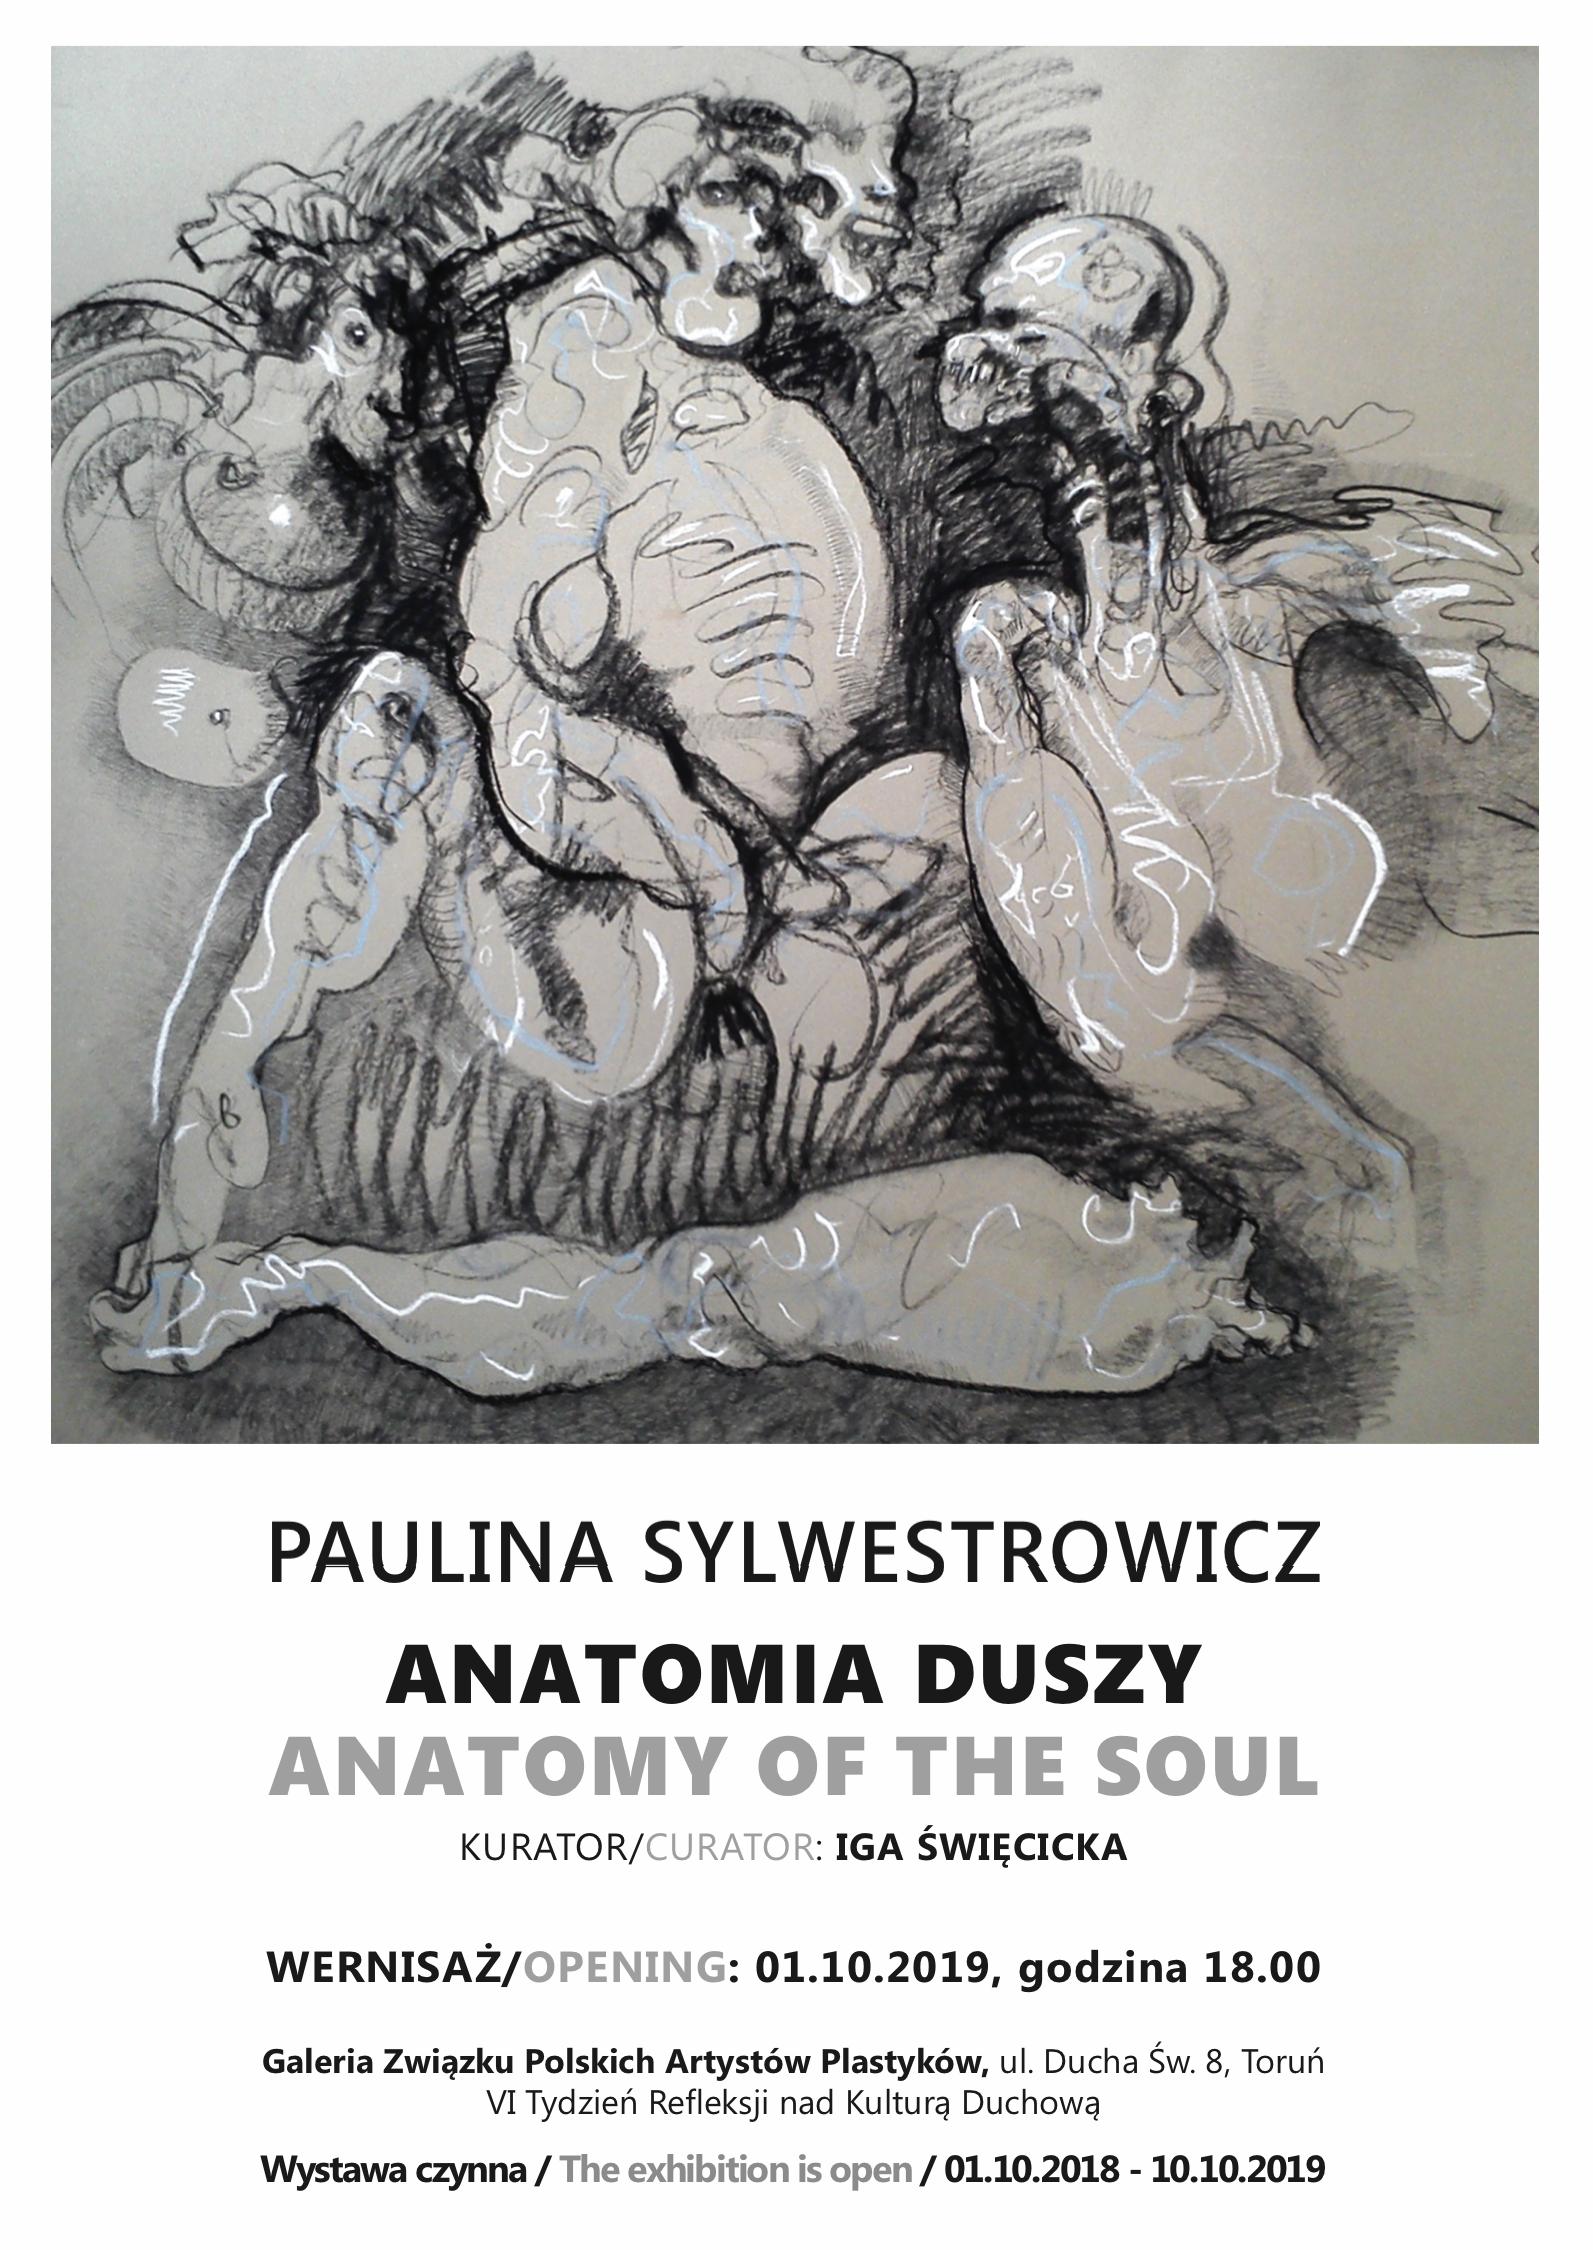 Zaproszenie na wystawę Pauliny Sylwestrowicz pt. Anatomia duszy